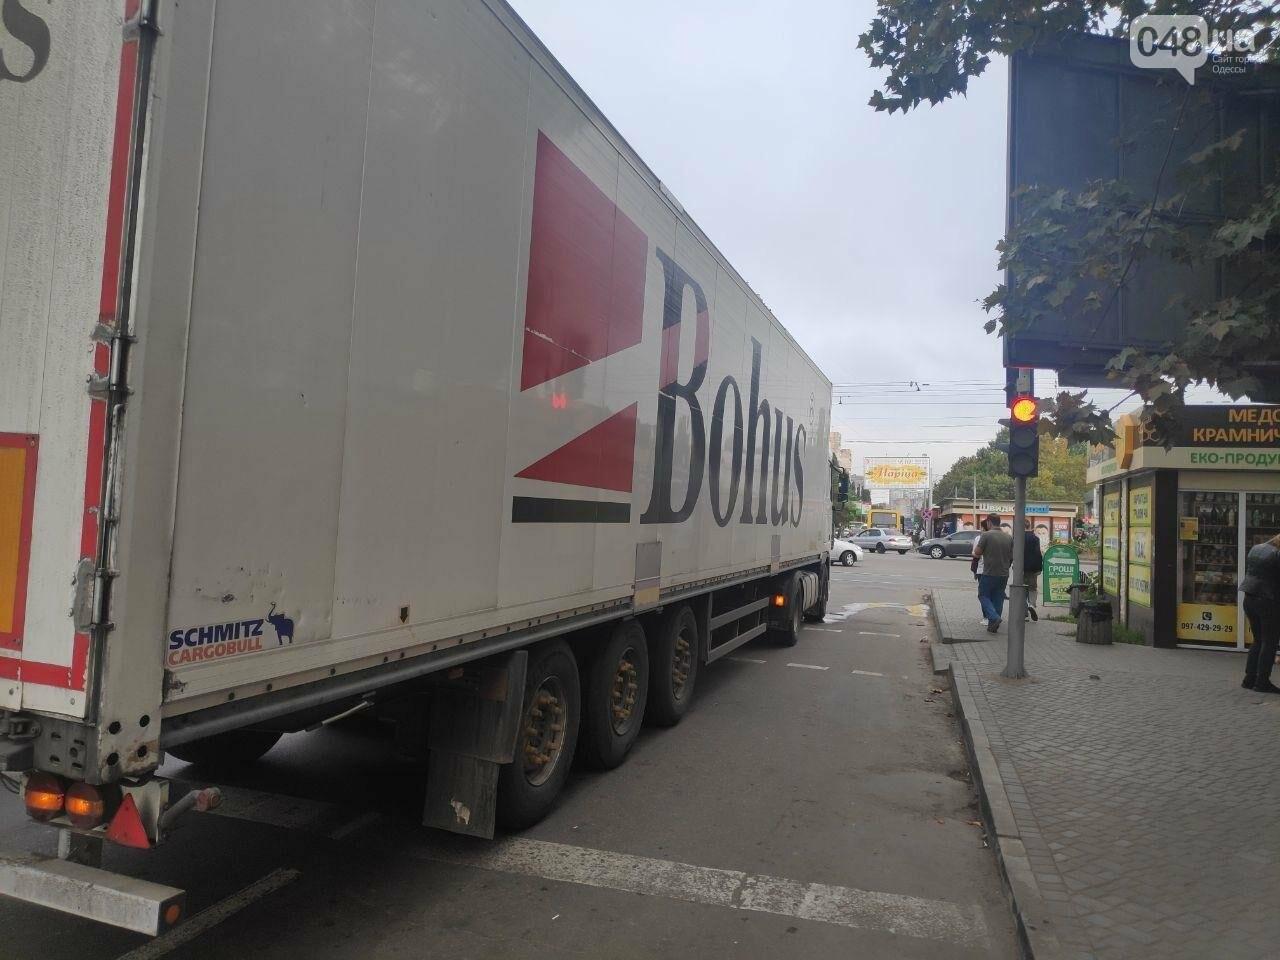 В Одессе грузовик наехал на женщину, ее забрали в больницу, - ФОТО2